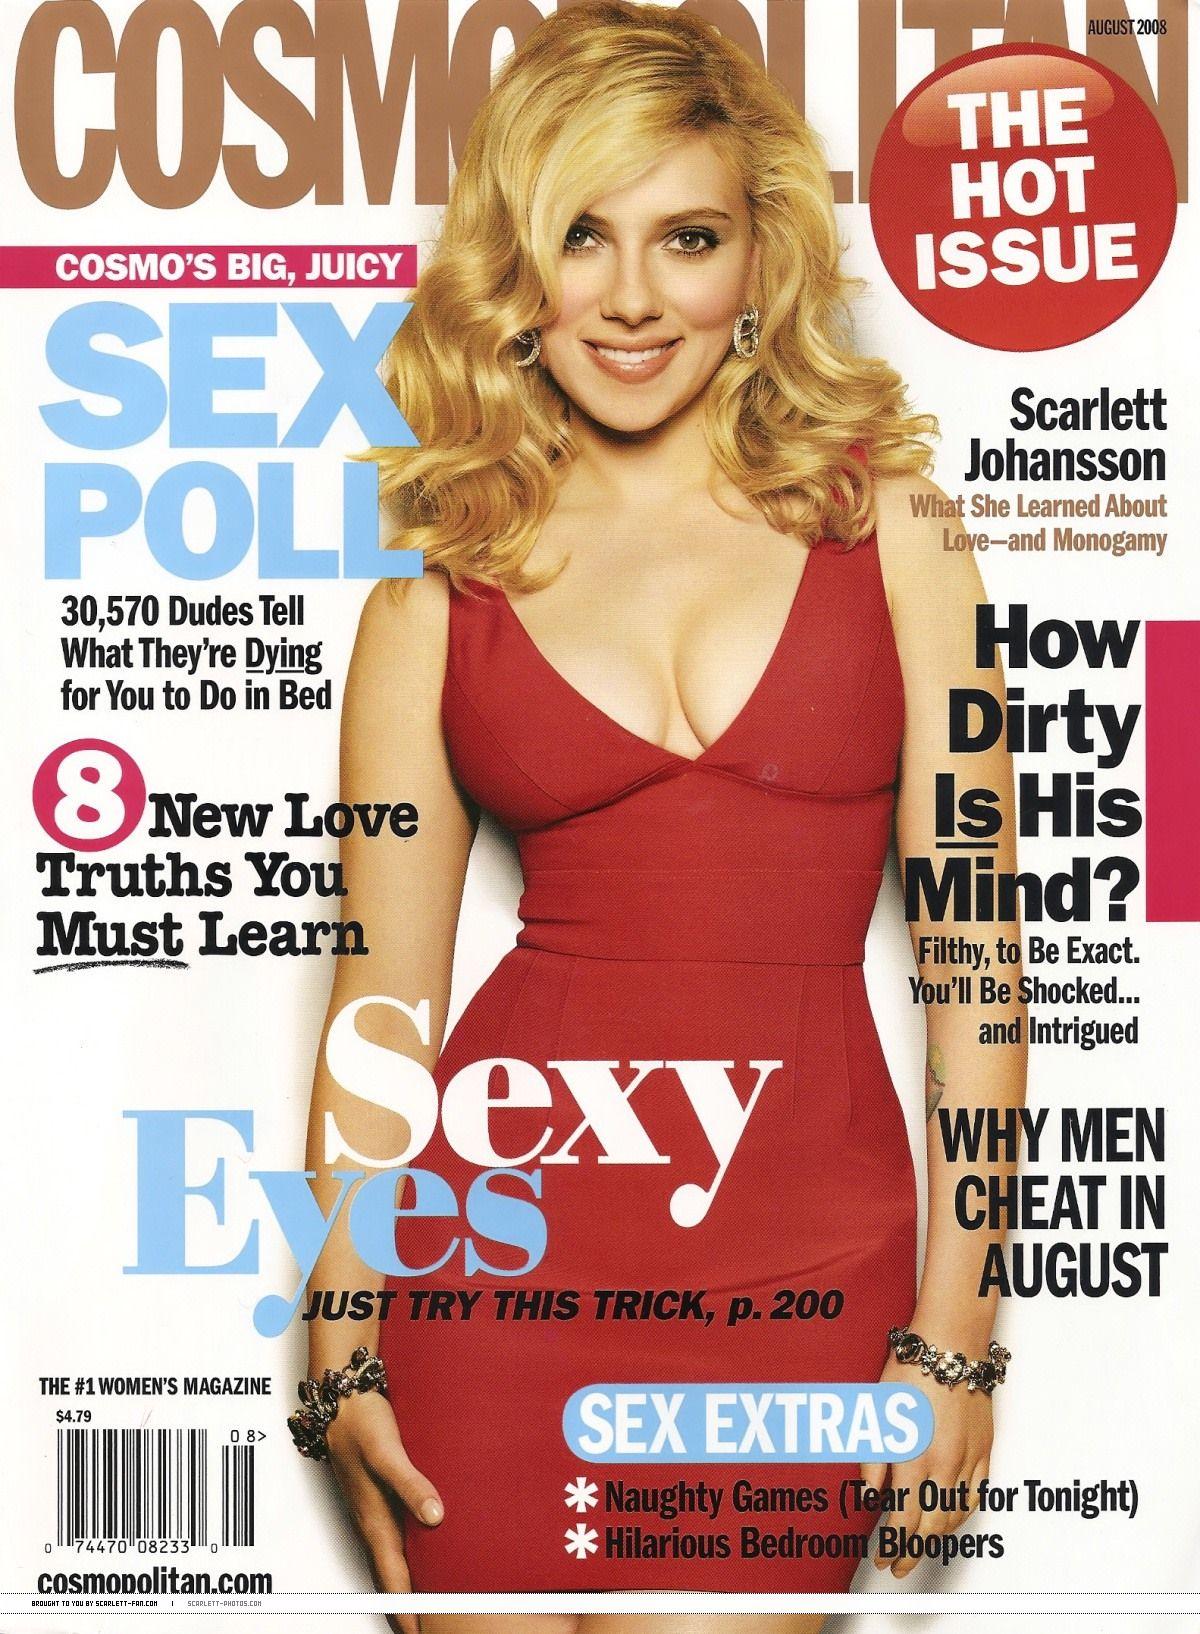 64333_Scarlett_Johansson_Cosmo_Cover_122_147lo.jpg